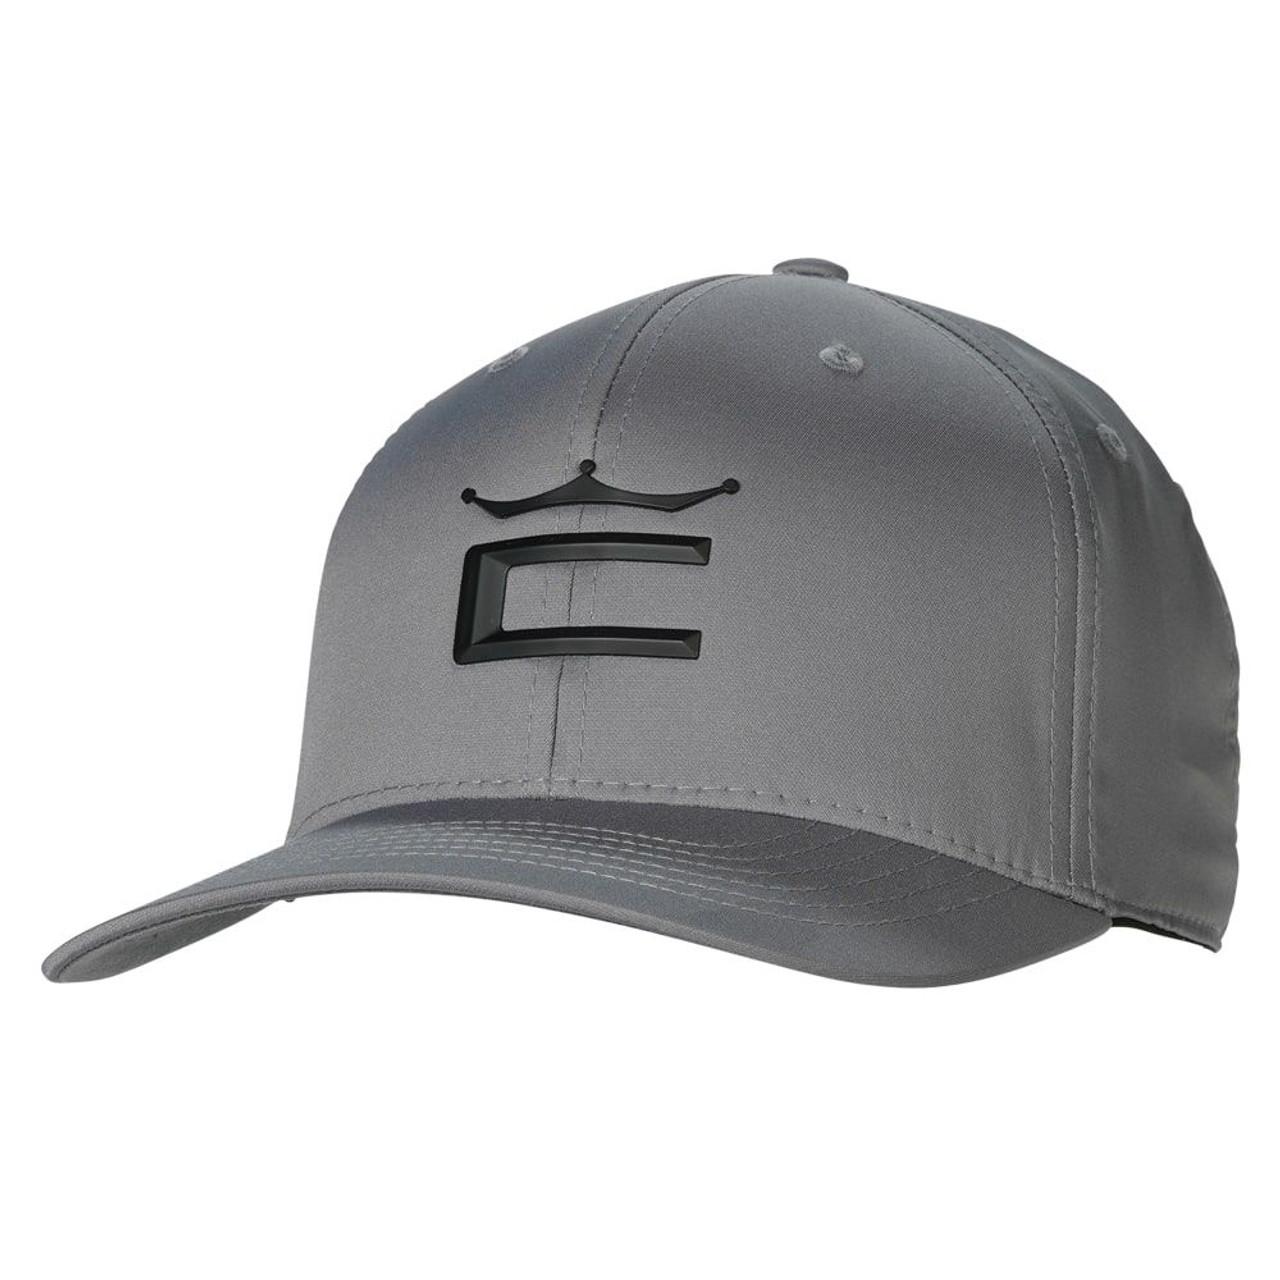 Cobra Tour Crown 110 Cap - Quiet Shade / Black